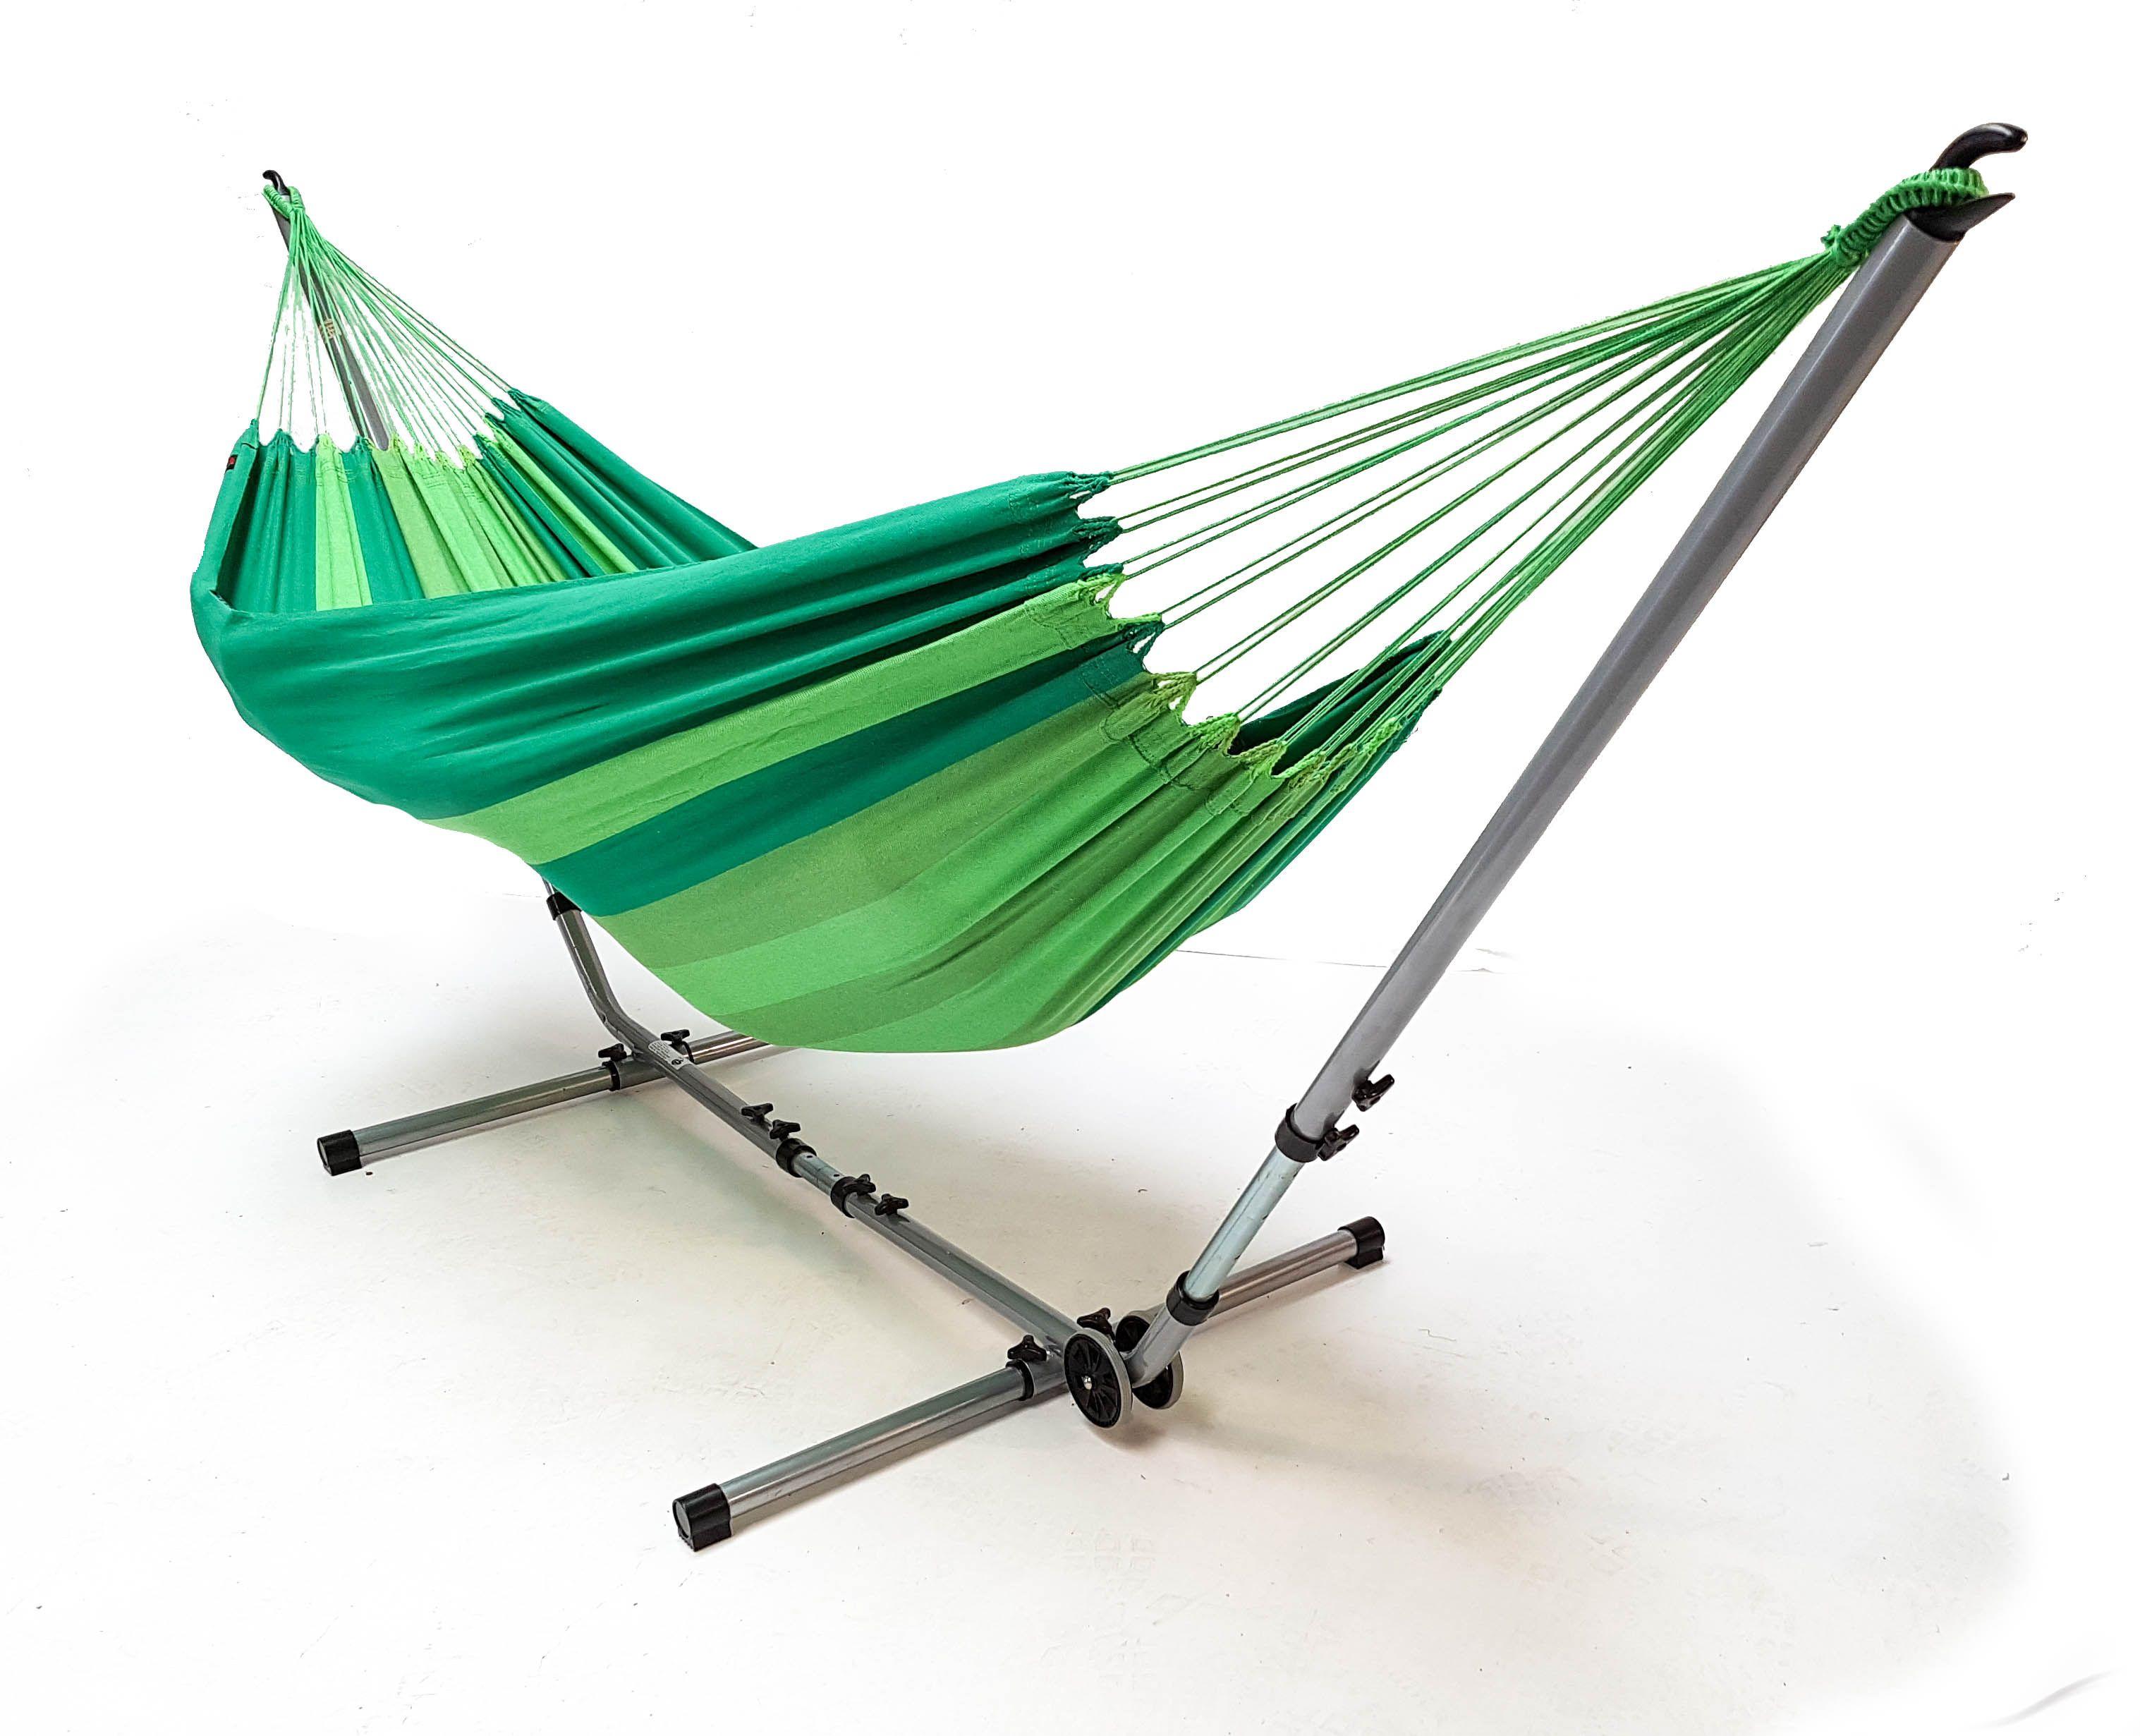 Aanbieding Hangmat Met Standaard.Hangmat Medium Greens Met Universal Deluxe Standaard Set